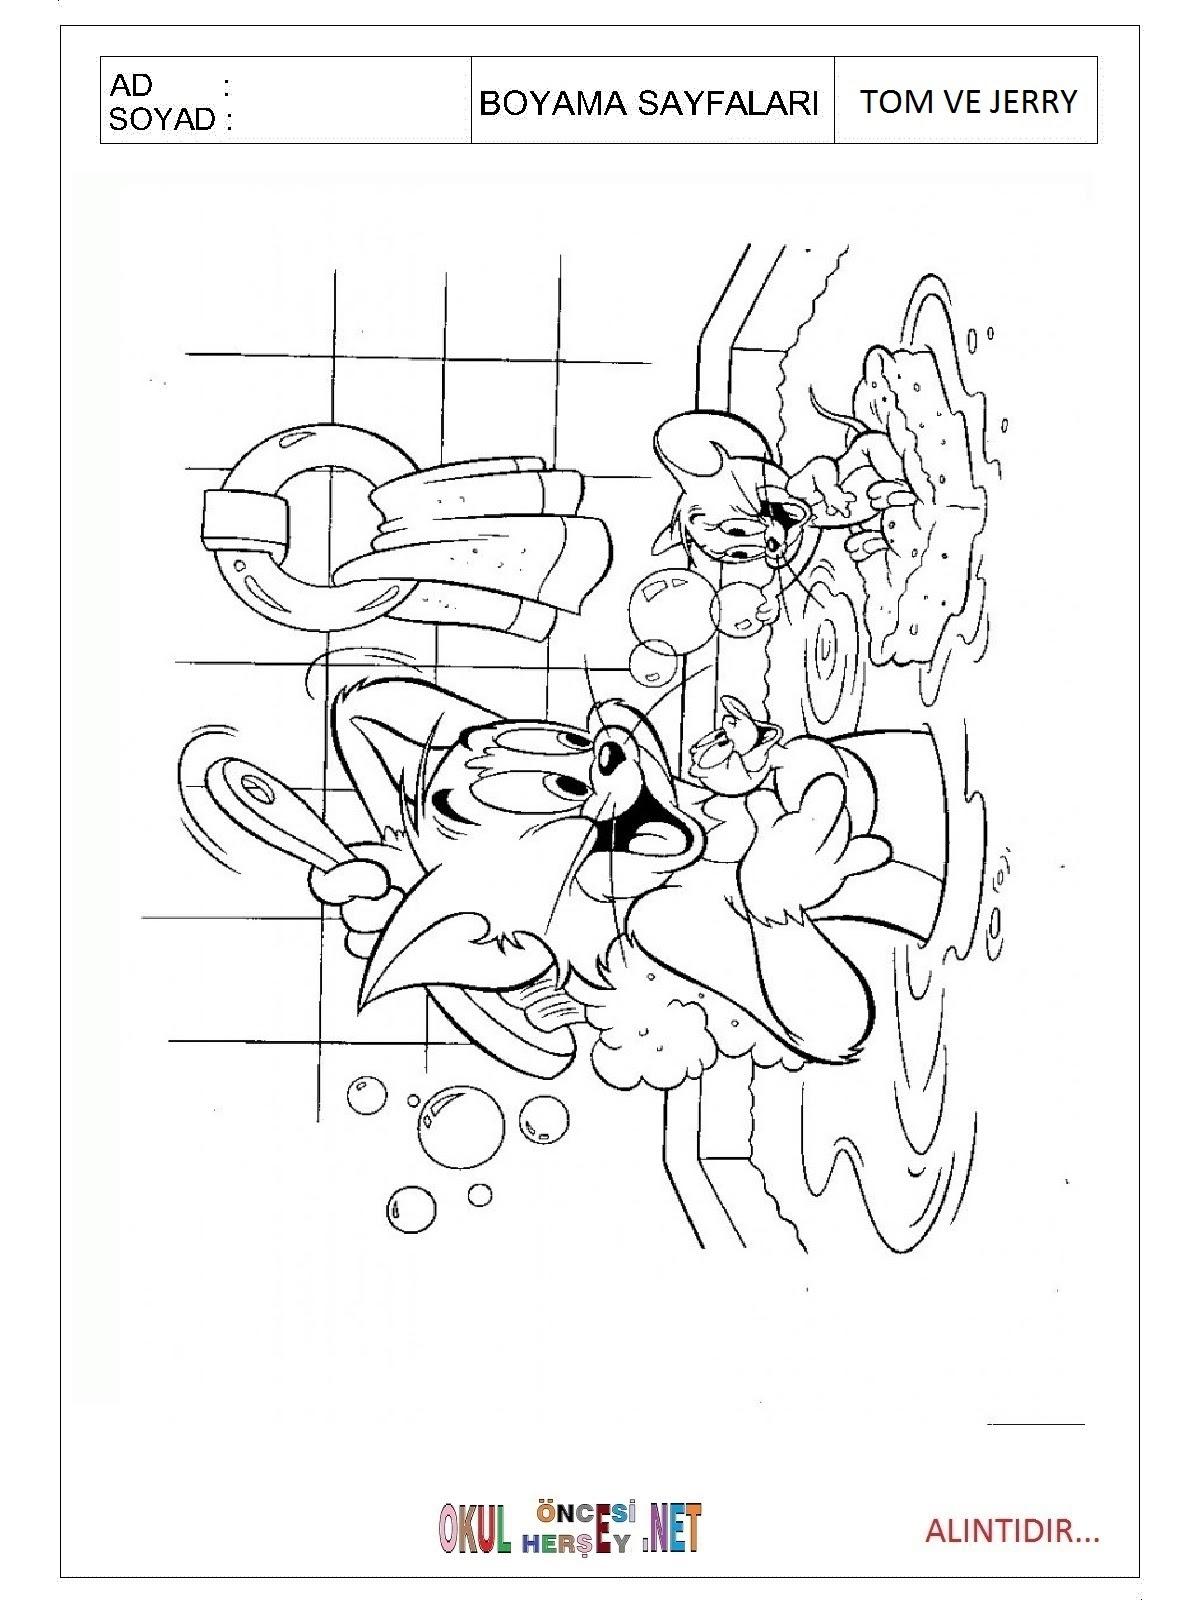 Tom Ve Jerry Boyama Sayfaları